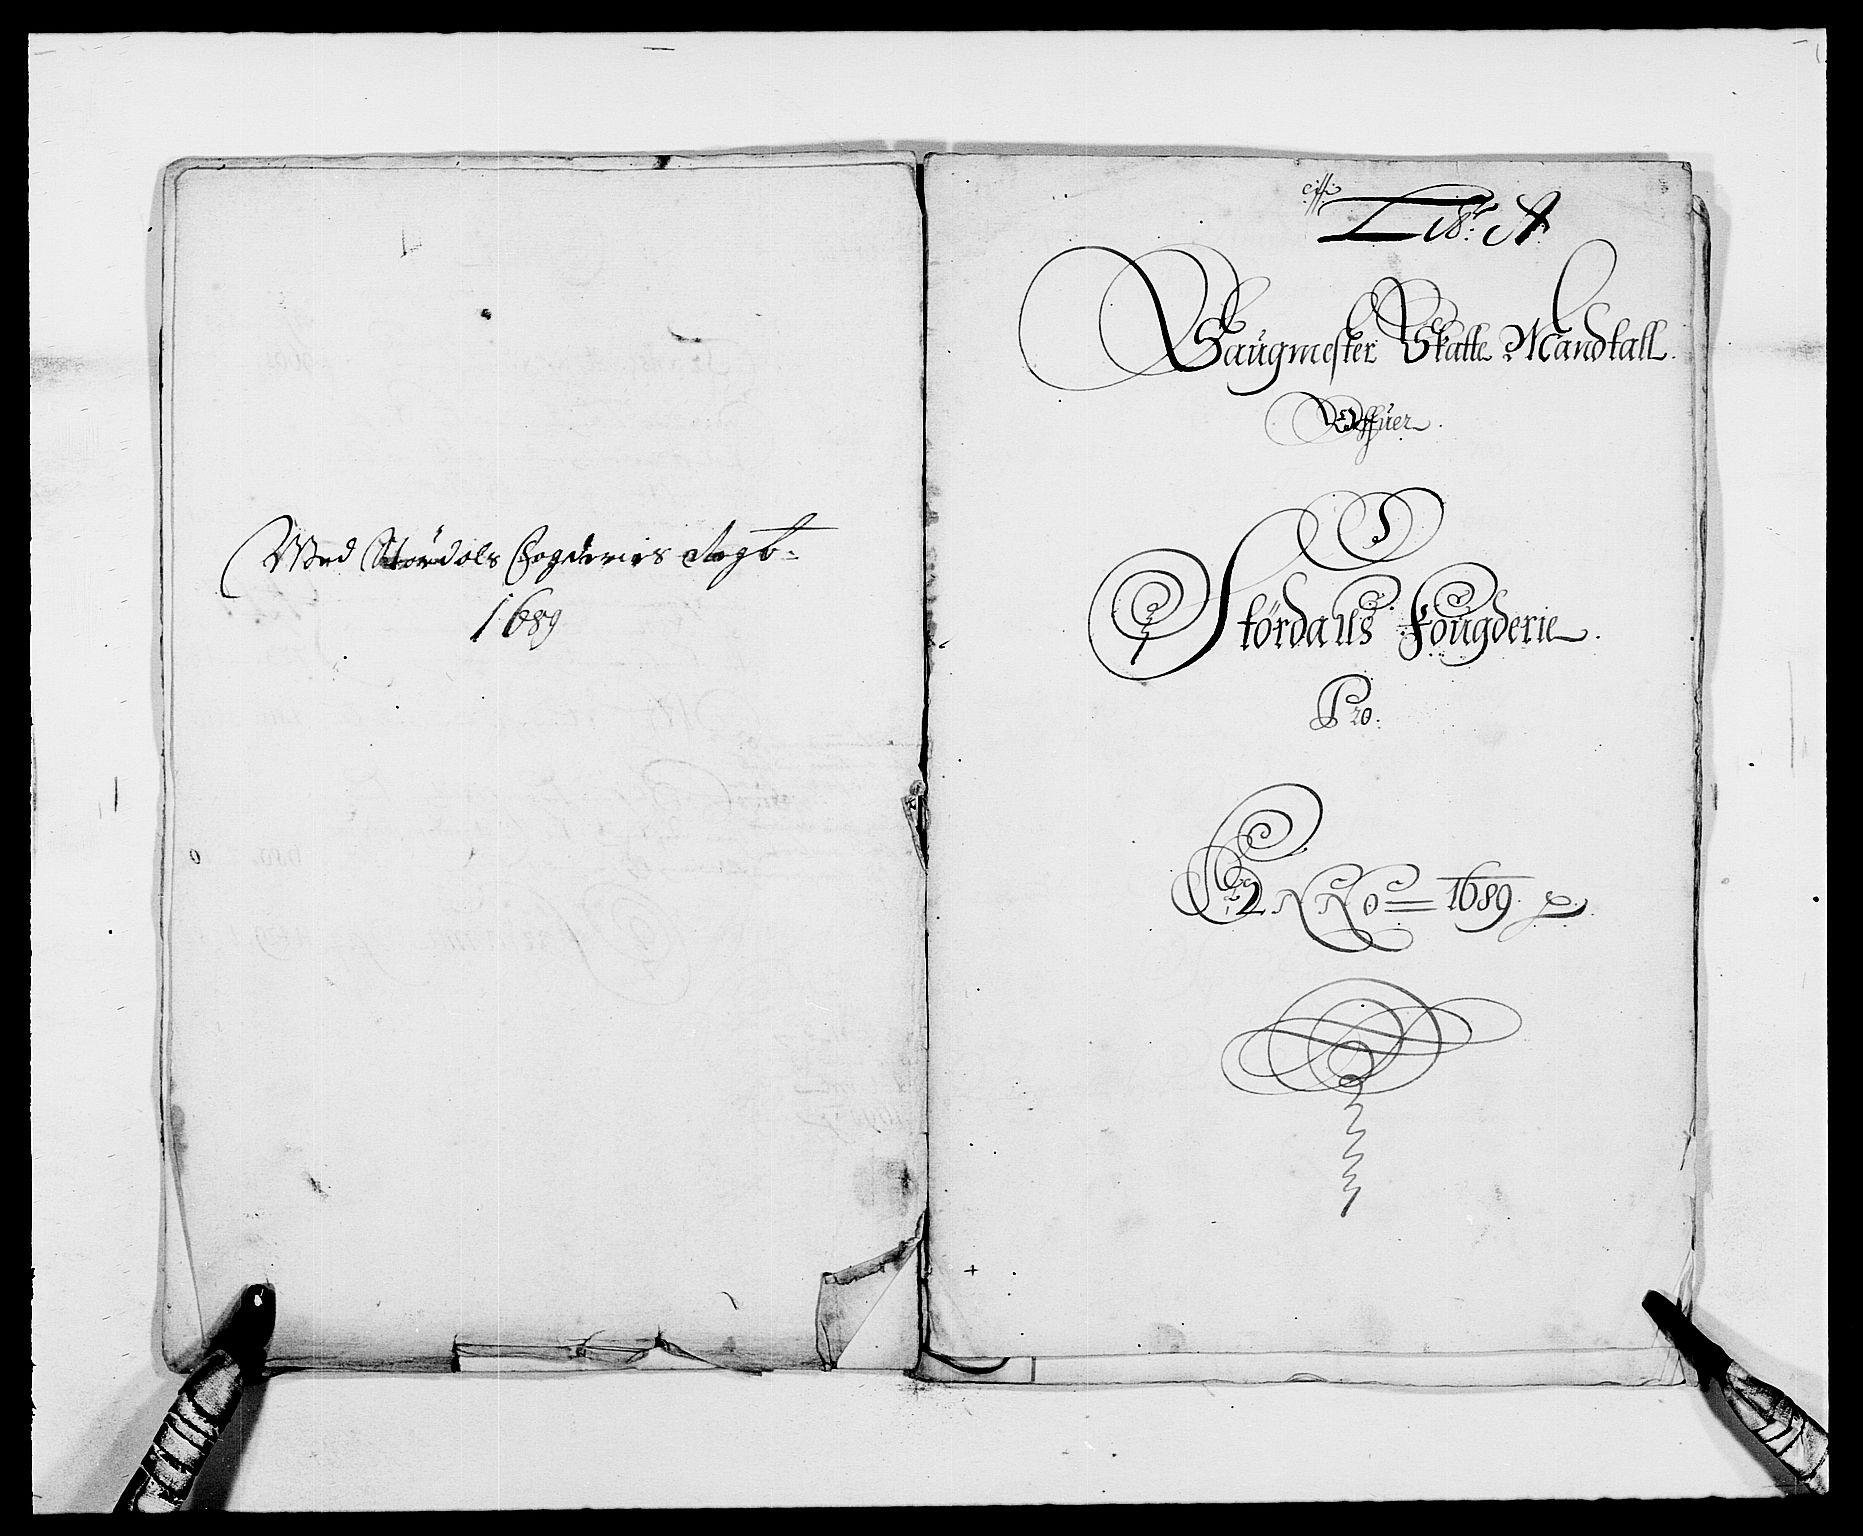 RA, Rentekammeret inntil 1814, Reviderte regnskaper, Fogderegnskap, R62/L4183: Fogderegnskap Stjørdal og Verdal, 1687-1689, s. 309